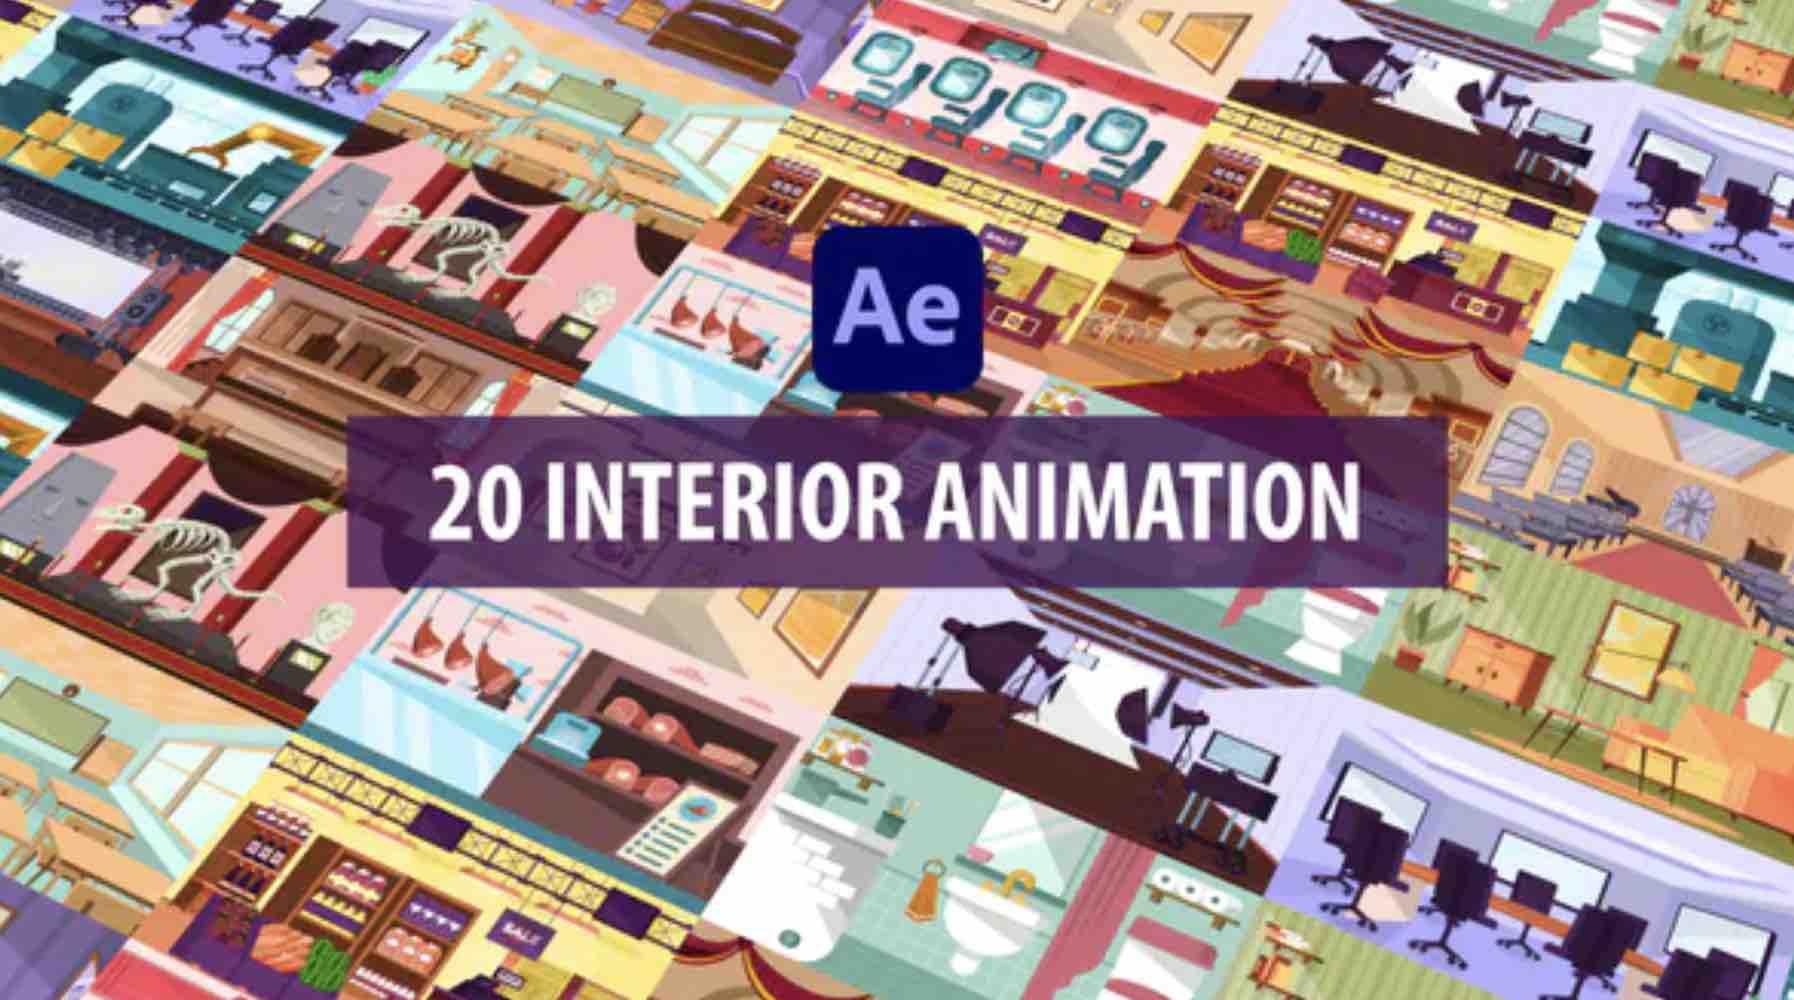 %title插图%num零号CG视觉平台AE模板-20个室内场景MG动画